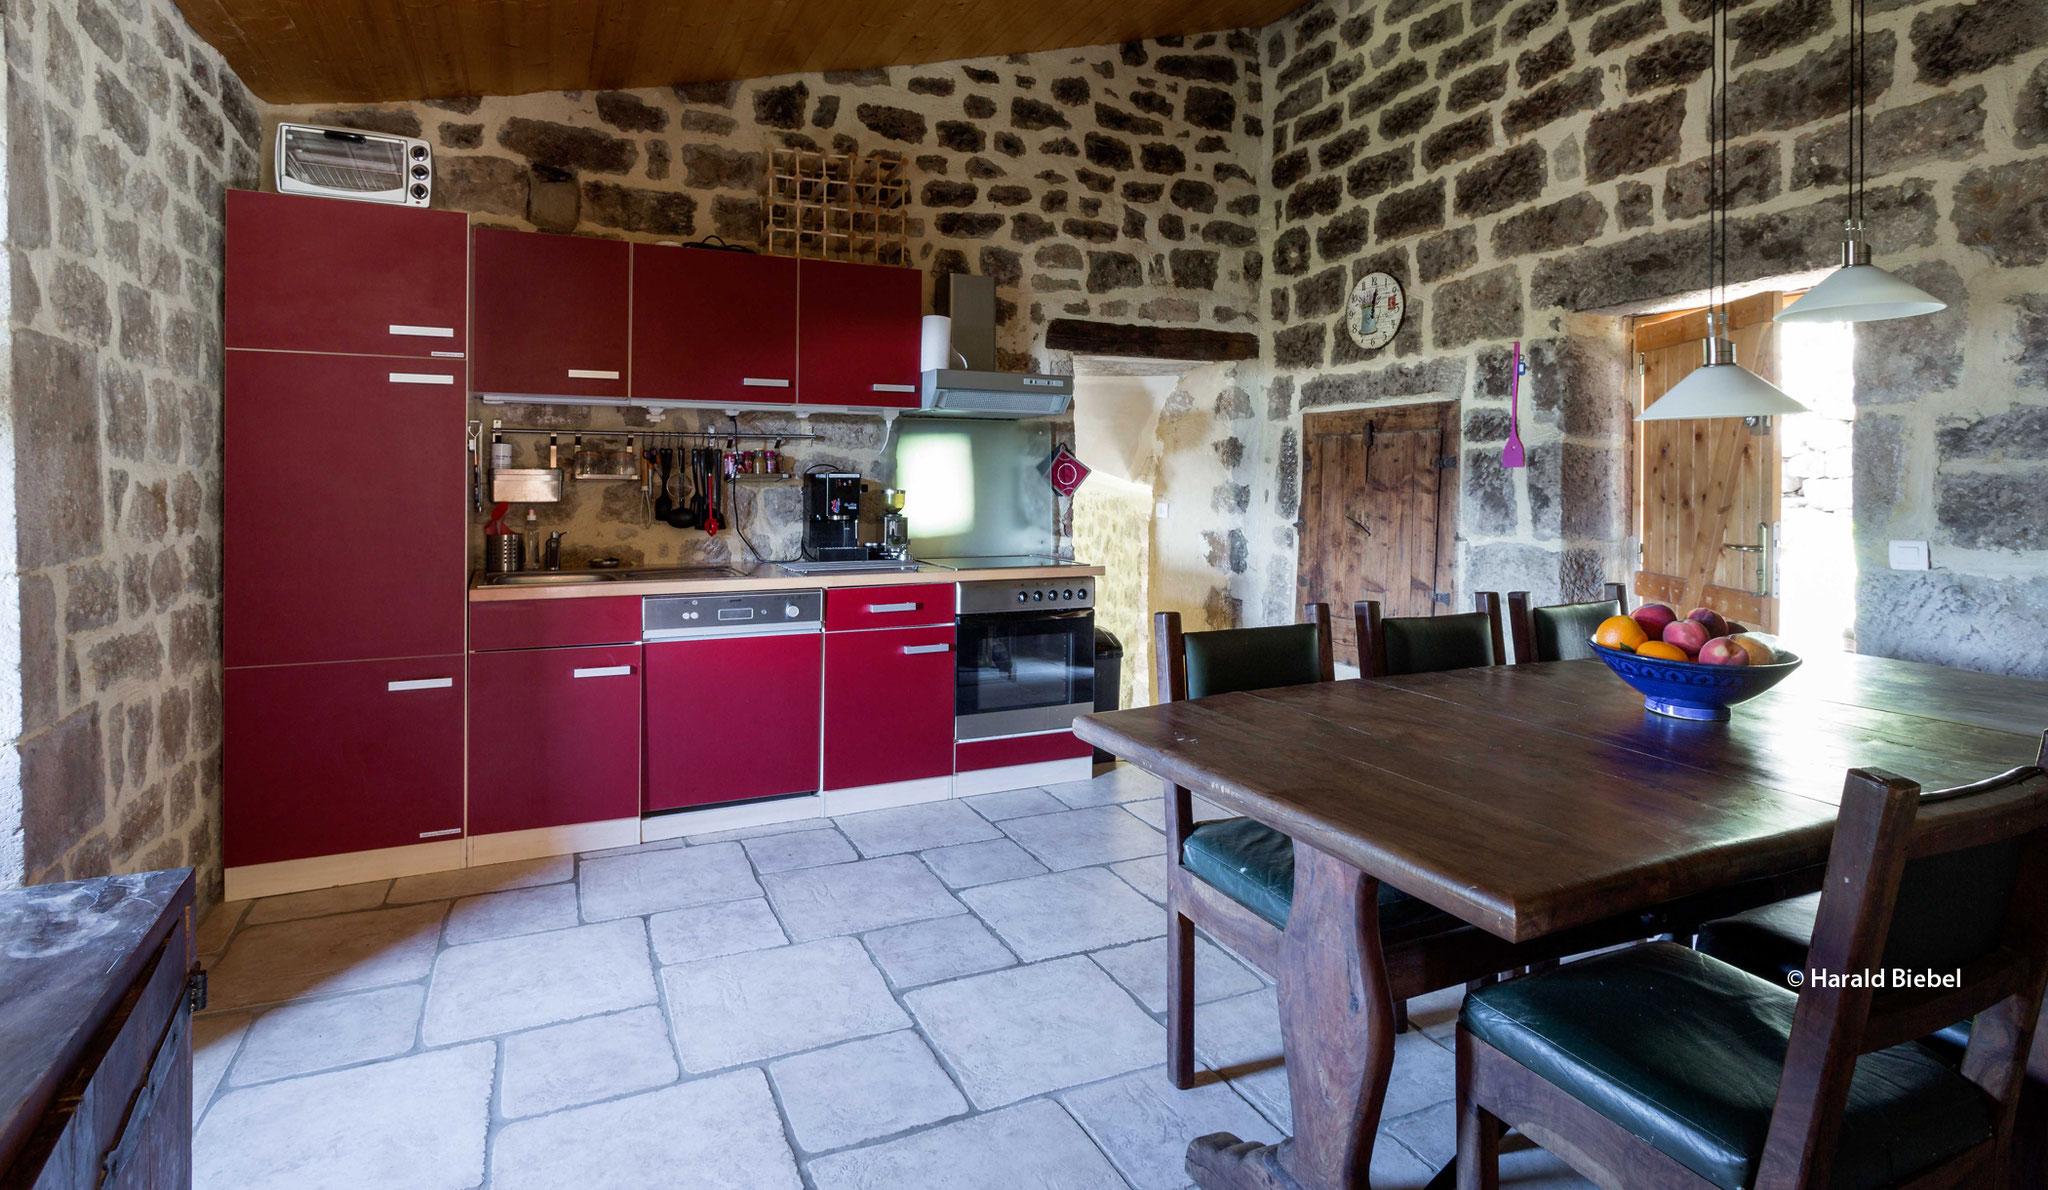 Küche mit großem Esstisch und kleiner Terrasse davor